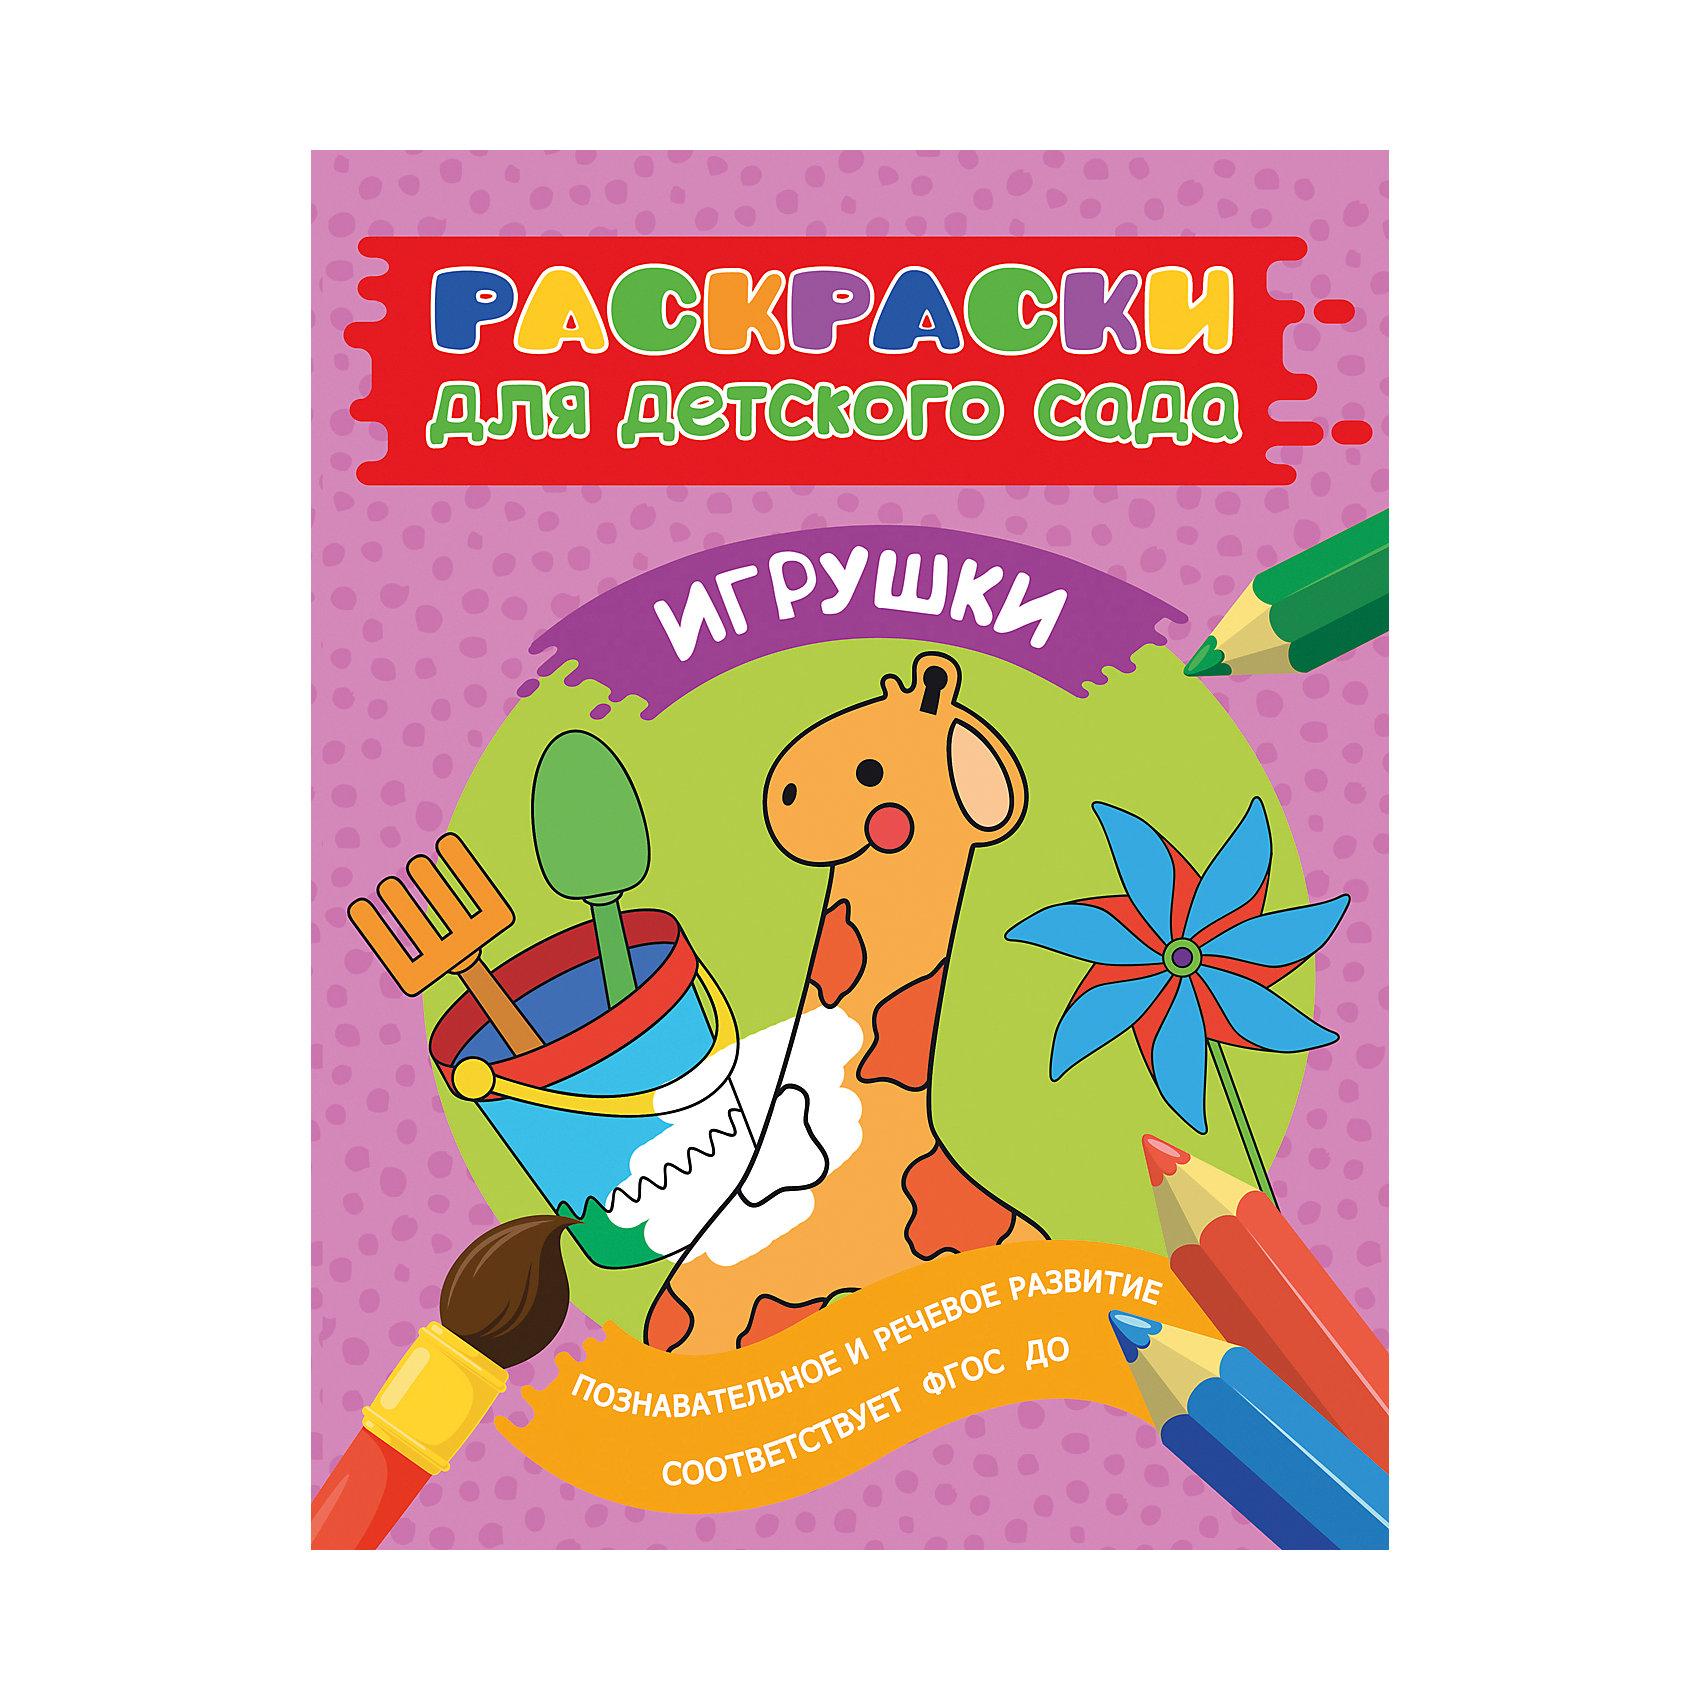 Раскраска ИгрушкиРисование<br>Тематические раскраски для детского сада - это специальная серия, которую можно использовать как в группах детского сада, так и для самостоятельных занятий с ребенком дома.&#13;<br>Каждая развивающая тетрадь-раскраска посвящена одной их основных познавательных тем, изучаемых в детском саду.&#13;<br>На каждой странице предлагаются развивающие вопросы, которые мама или педагог могут задать ребенку, пока он занимается раскрашиванием.&#13;<br>Знакомство с изображениями и ответы на вопросы помогут развить ребенка в основных образовательных областях:&#13;<br>- Социально-коммуникативное развитие&#13;<br>- Познавательное развитие&#13;<br>- Речевое развитие&#13;<br>- Художественно-эстетическое развитие<br><br>Ширина мм: 274<br>Глубина мм: 212<br>Высота мм: 30<br>Вес г: 130<br>Возраст от месяцев: -2147483648<br>Возраст до месяцев: 2147483647<br>Пол: Унисекс<br>Возраст: Детский<br>SKU: 5453635